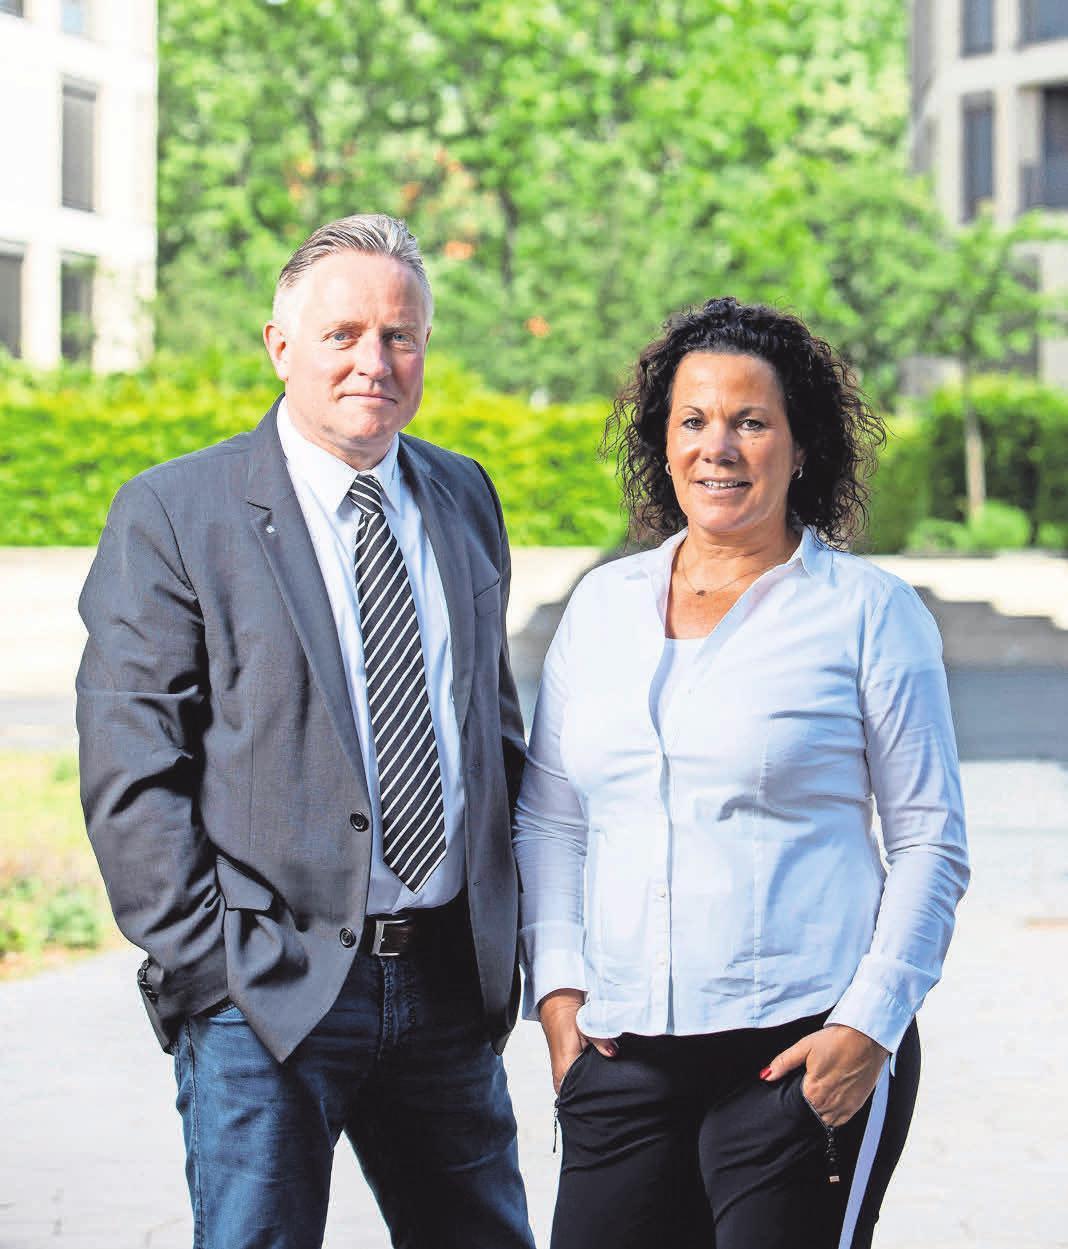 Anja Lentze-Jöcks und Torsten Jöcks führen gemeinsam das Unternehmen.